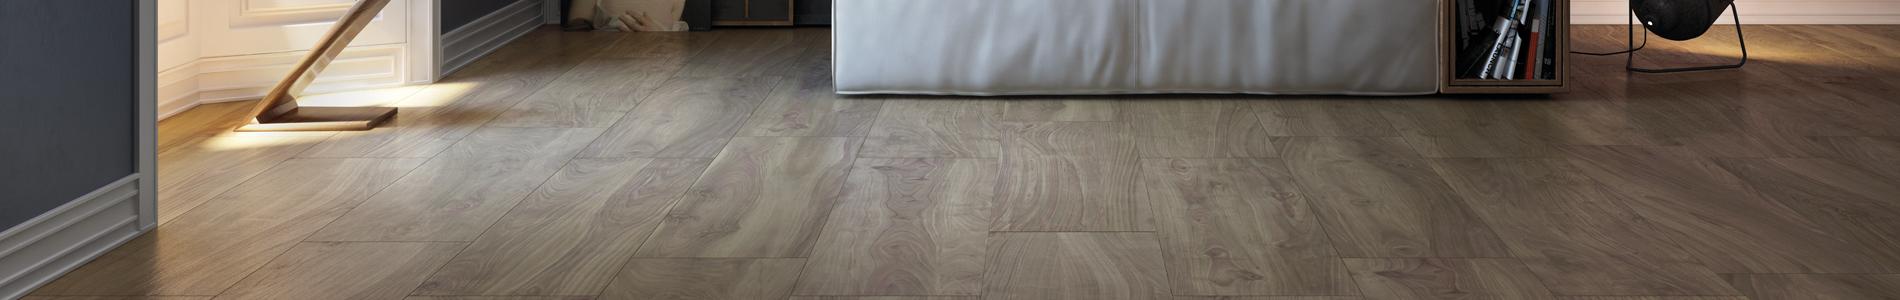 Forest Lignum Porcelain Tiles Brown Wood Effect Tiles